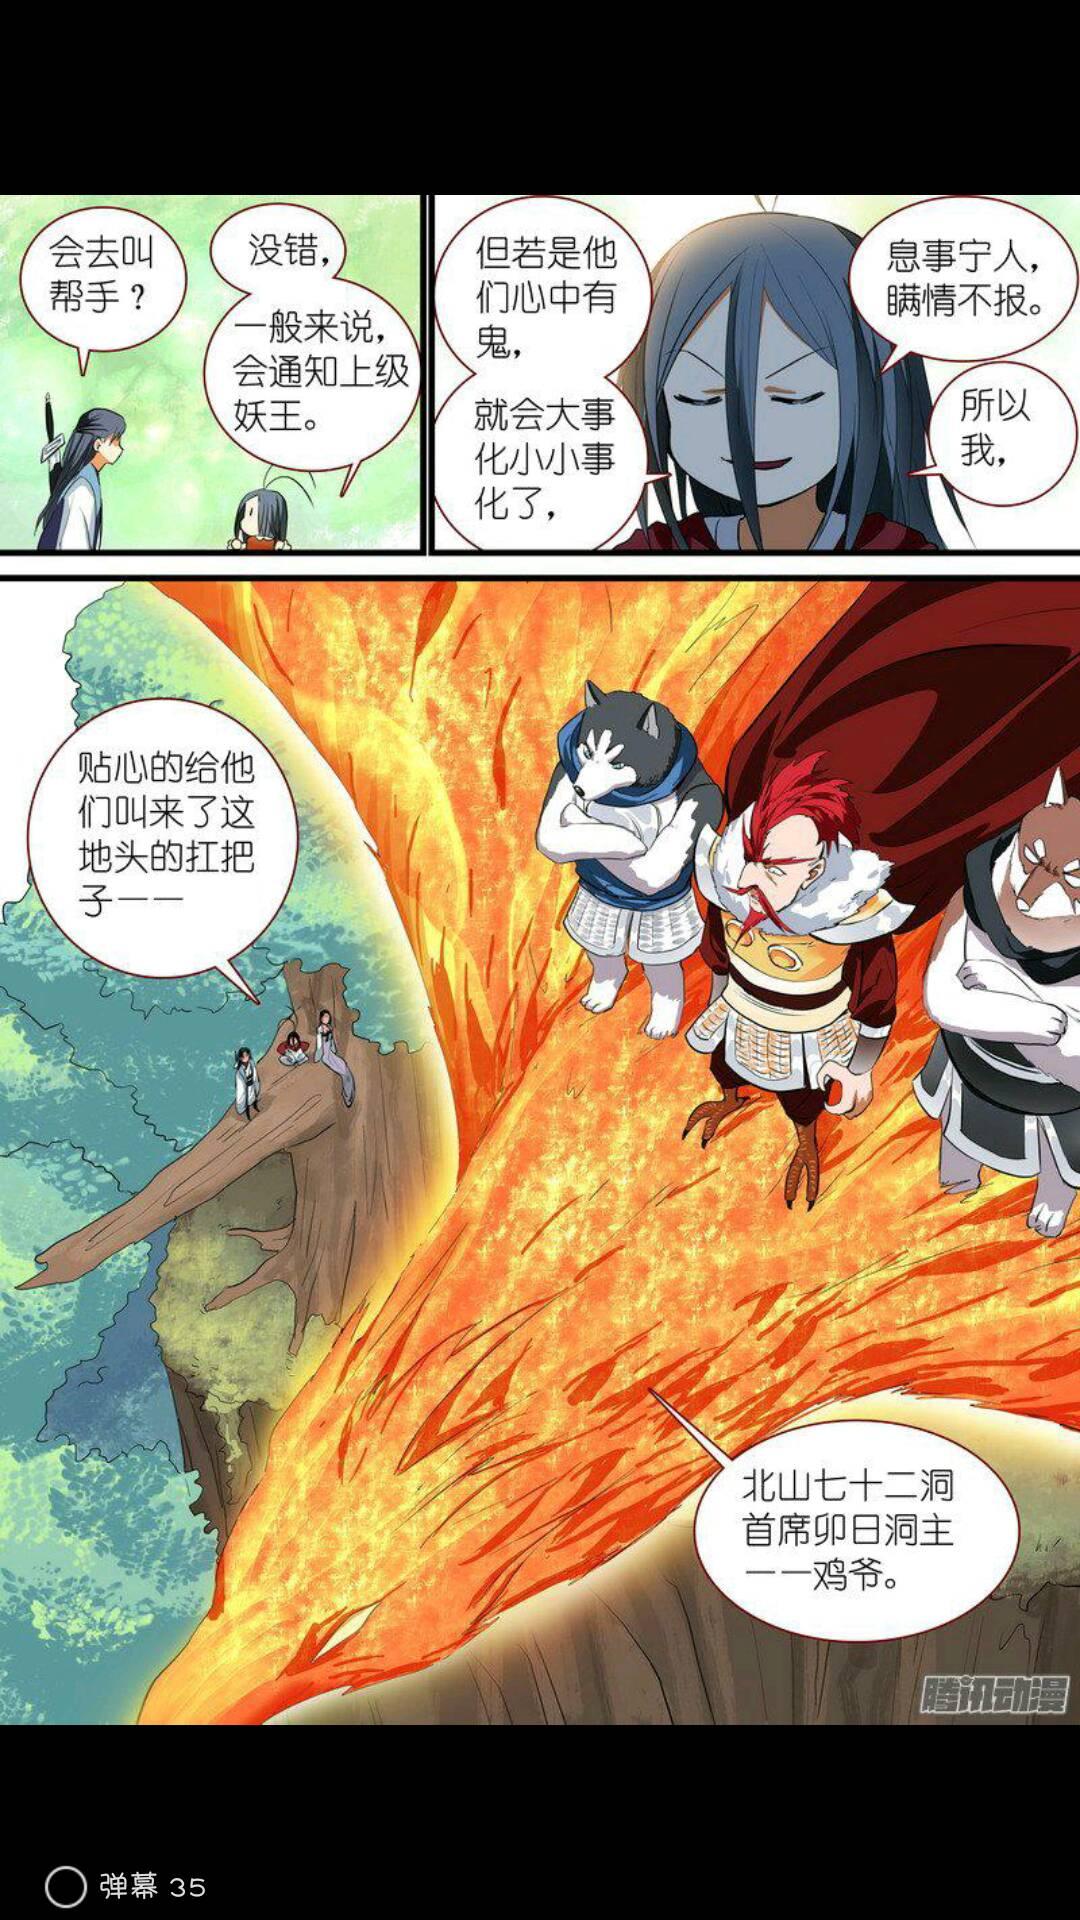 【漫画更新】狐妖小红娘第359话,进入二次元